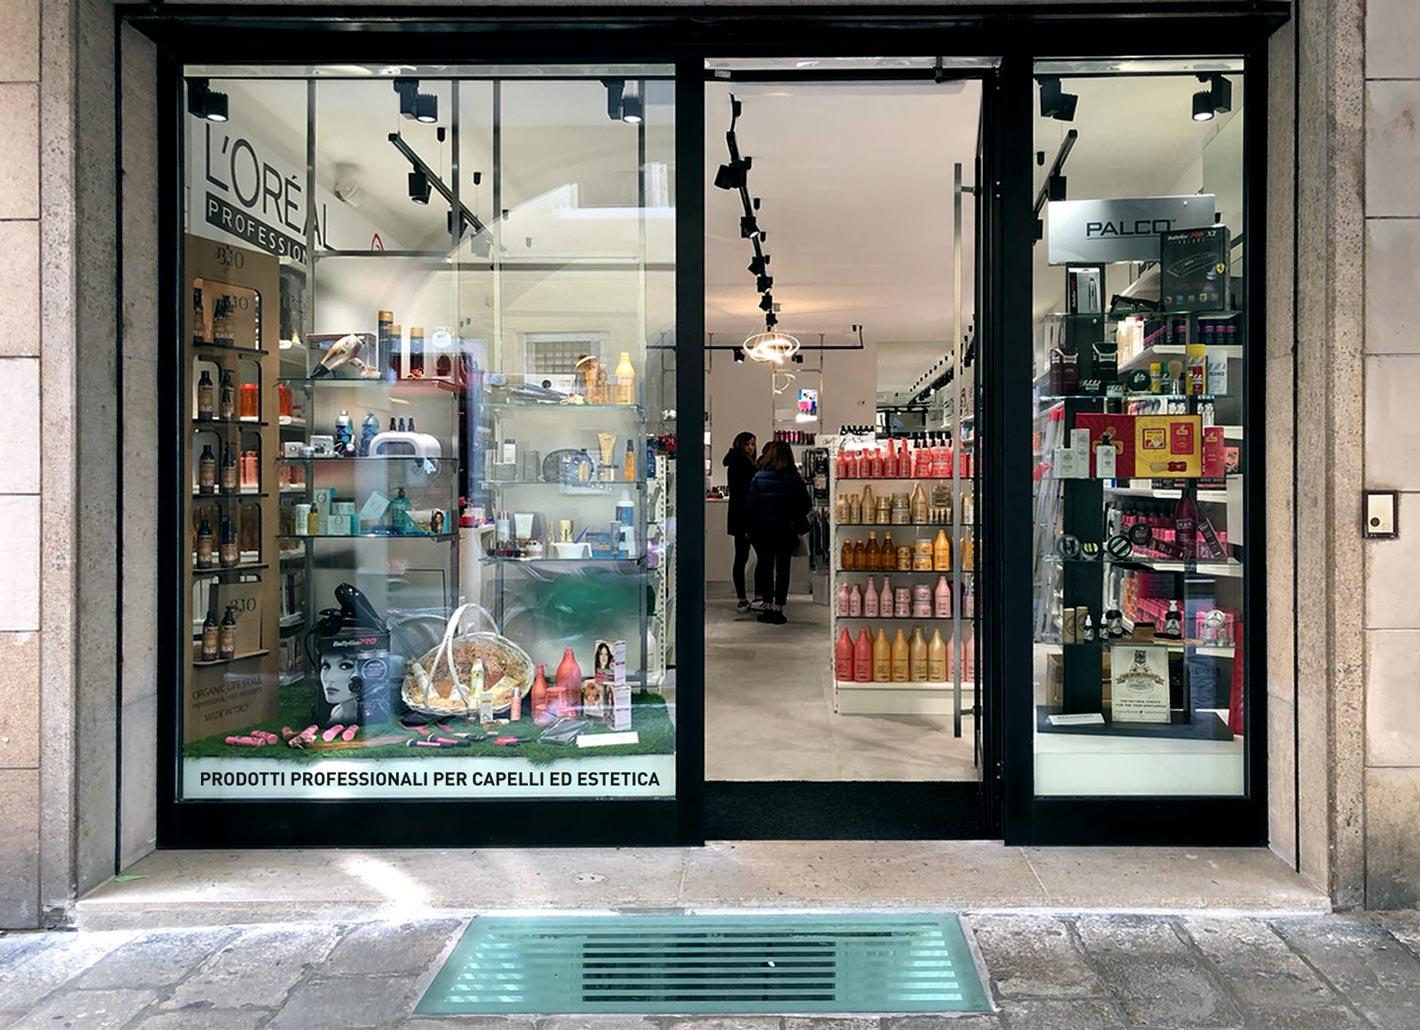 negozio per capelli